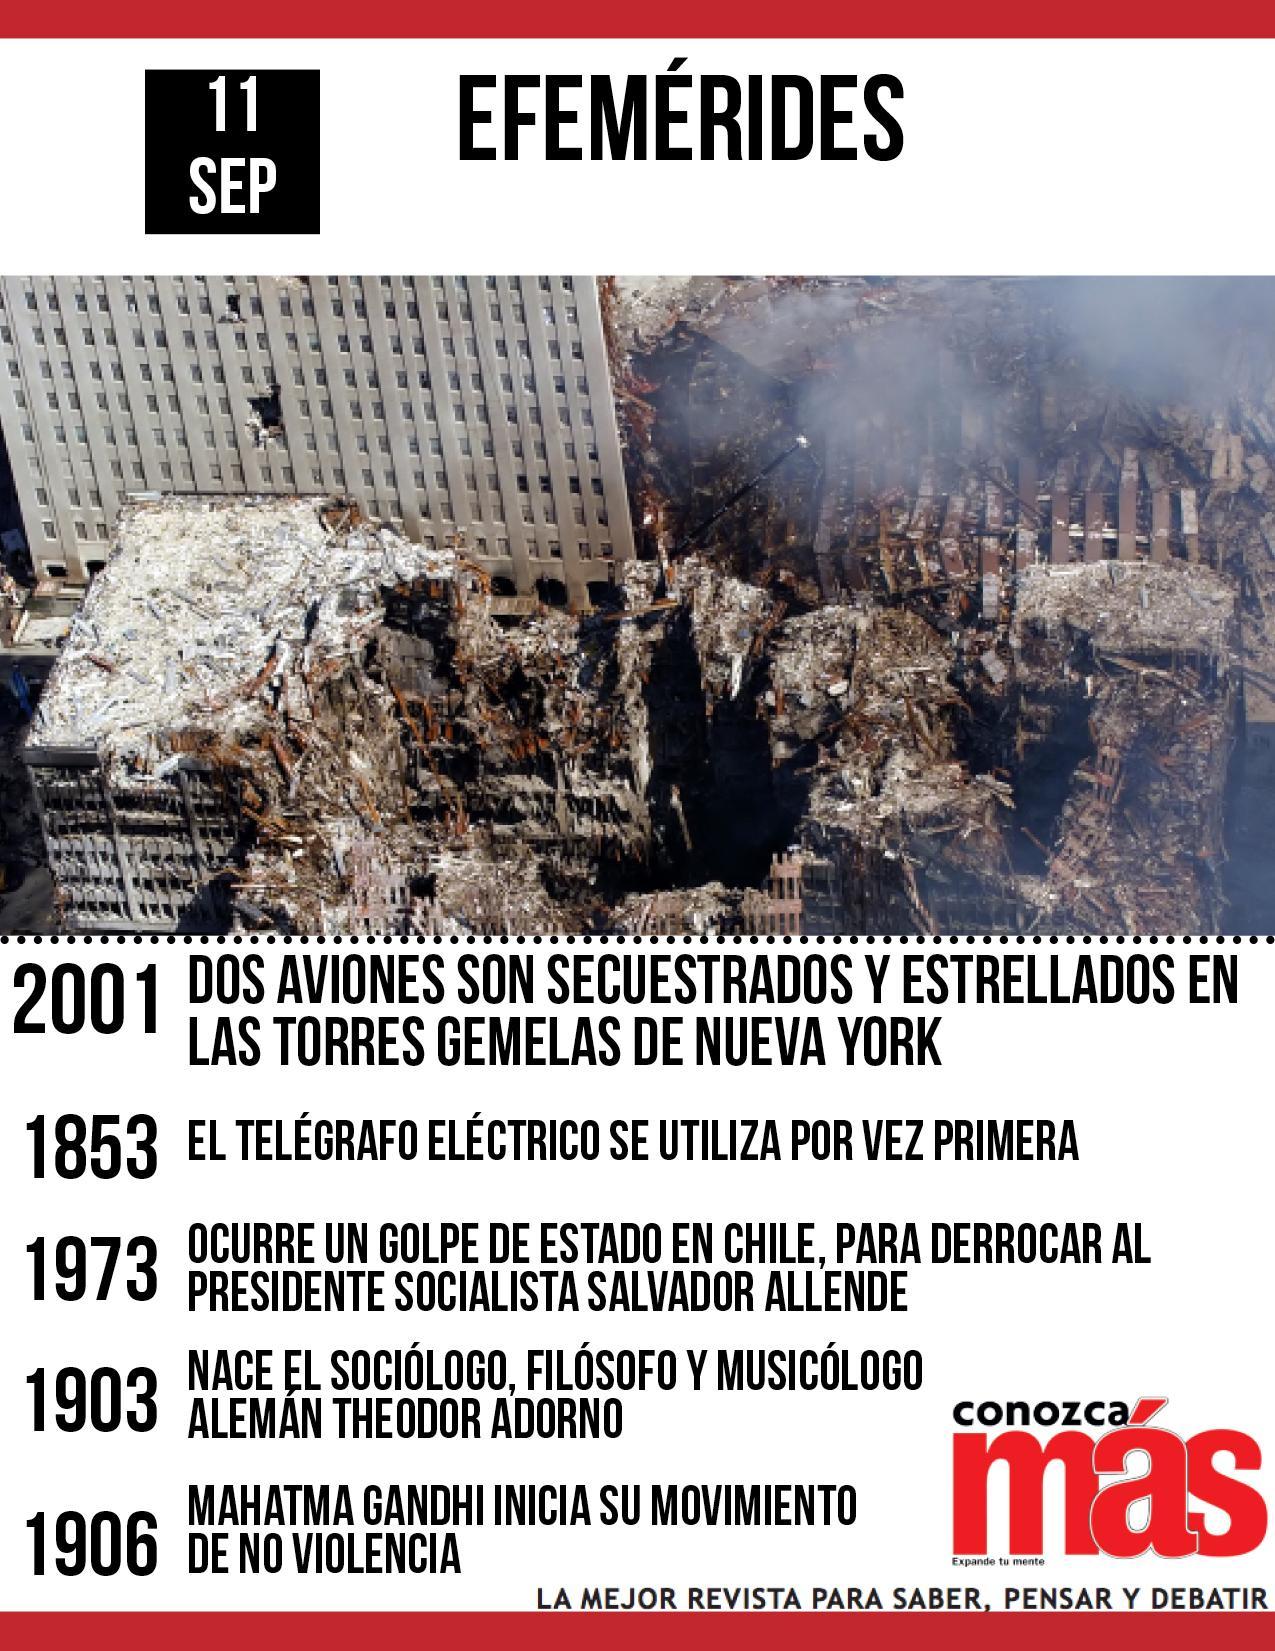 Un día como hoy, pero de 1973, ocurre un golpe de Estado en Chile. Más efemérides aquí: http://t.co/D0RkeRjwSr